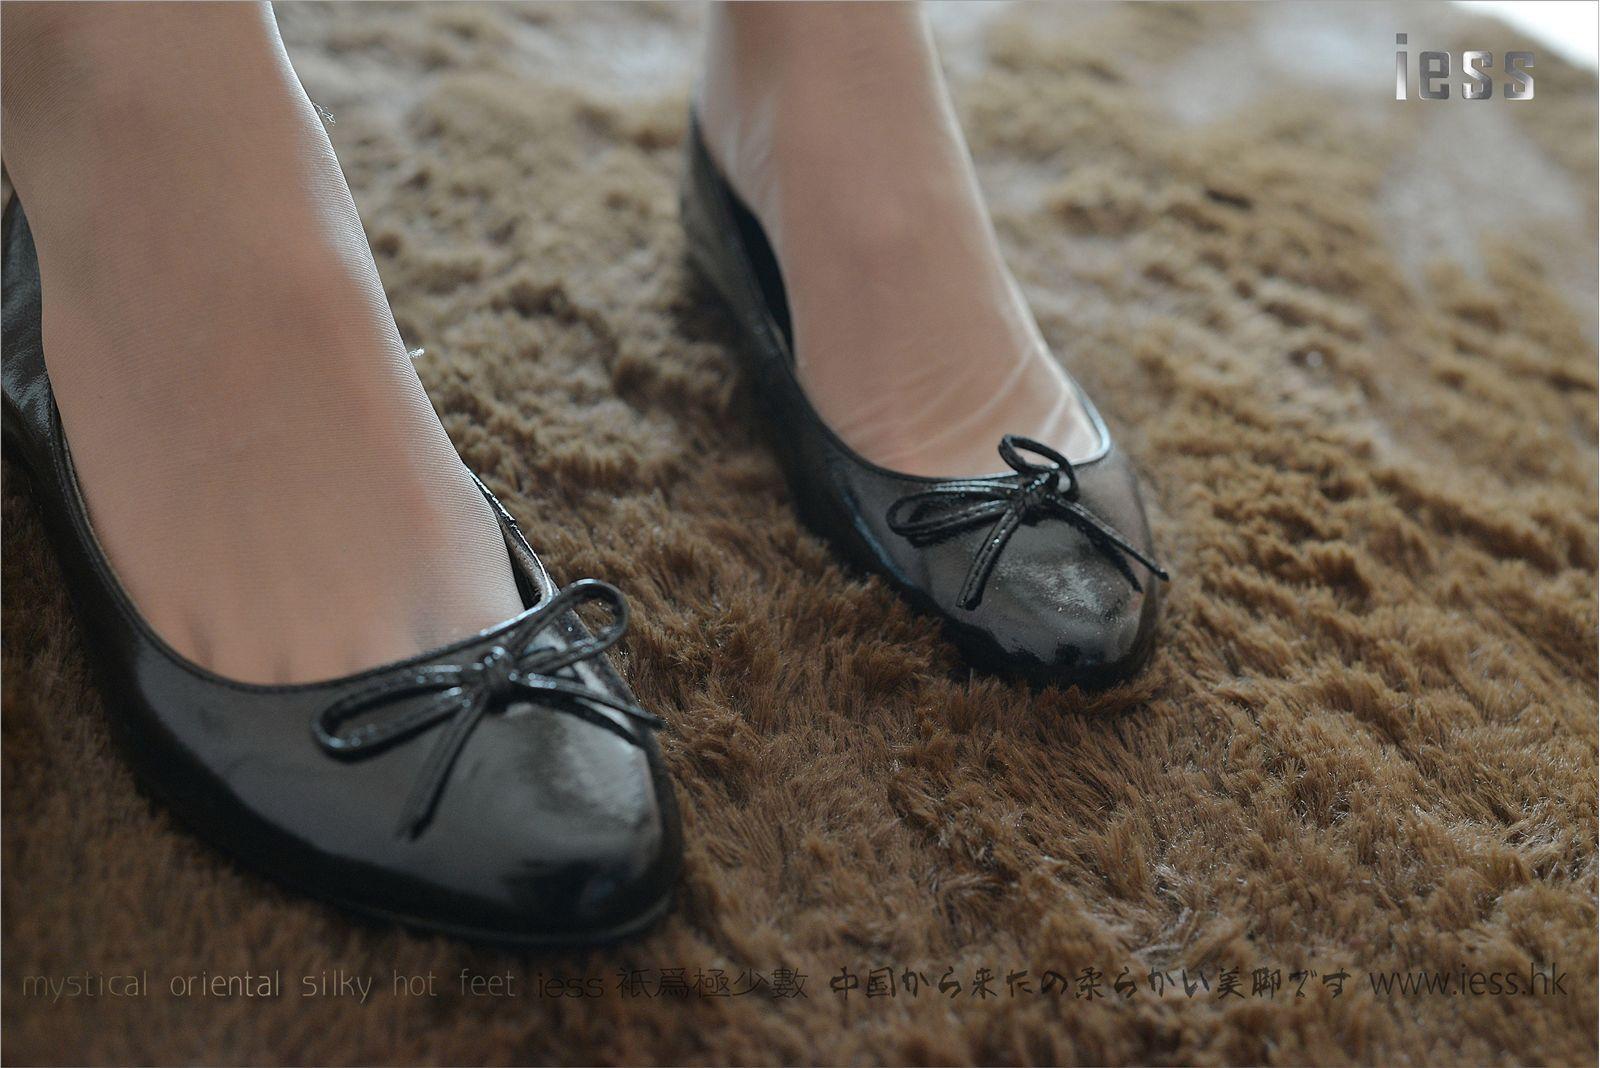 [异思趣向] 潇潇 女神演绎ES6和平底鞋[99P] 异思趣向 第2张